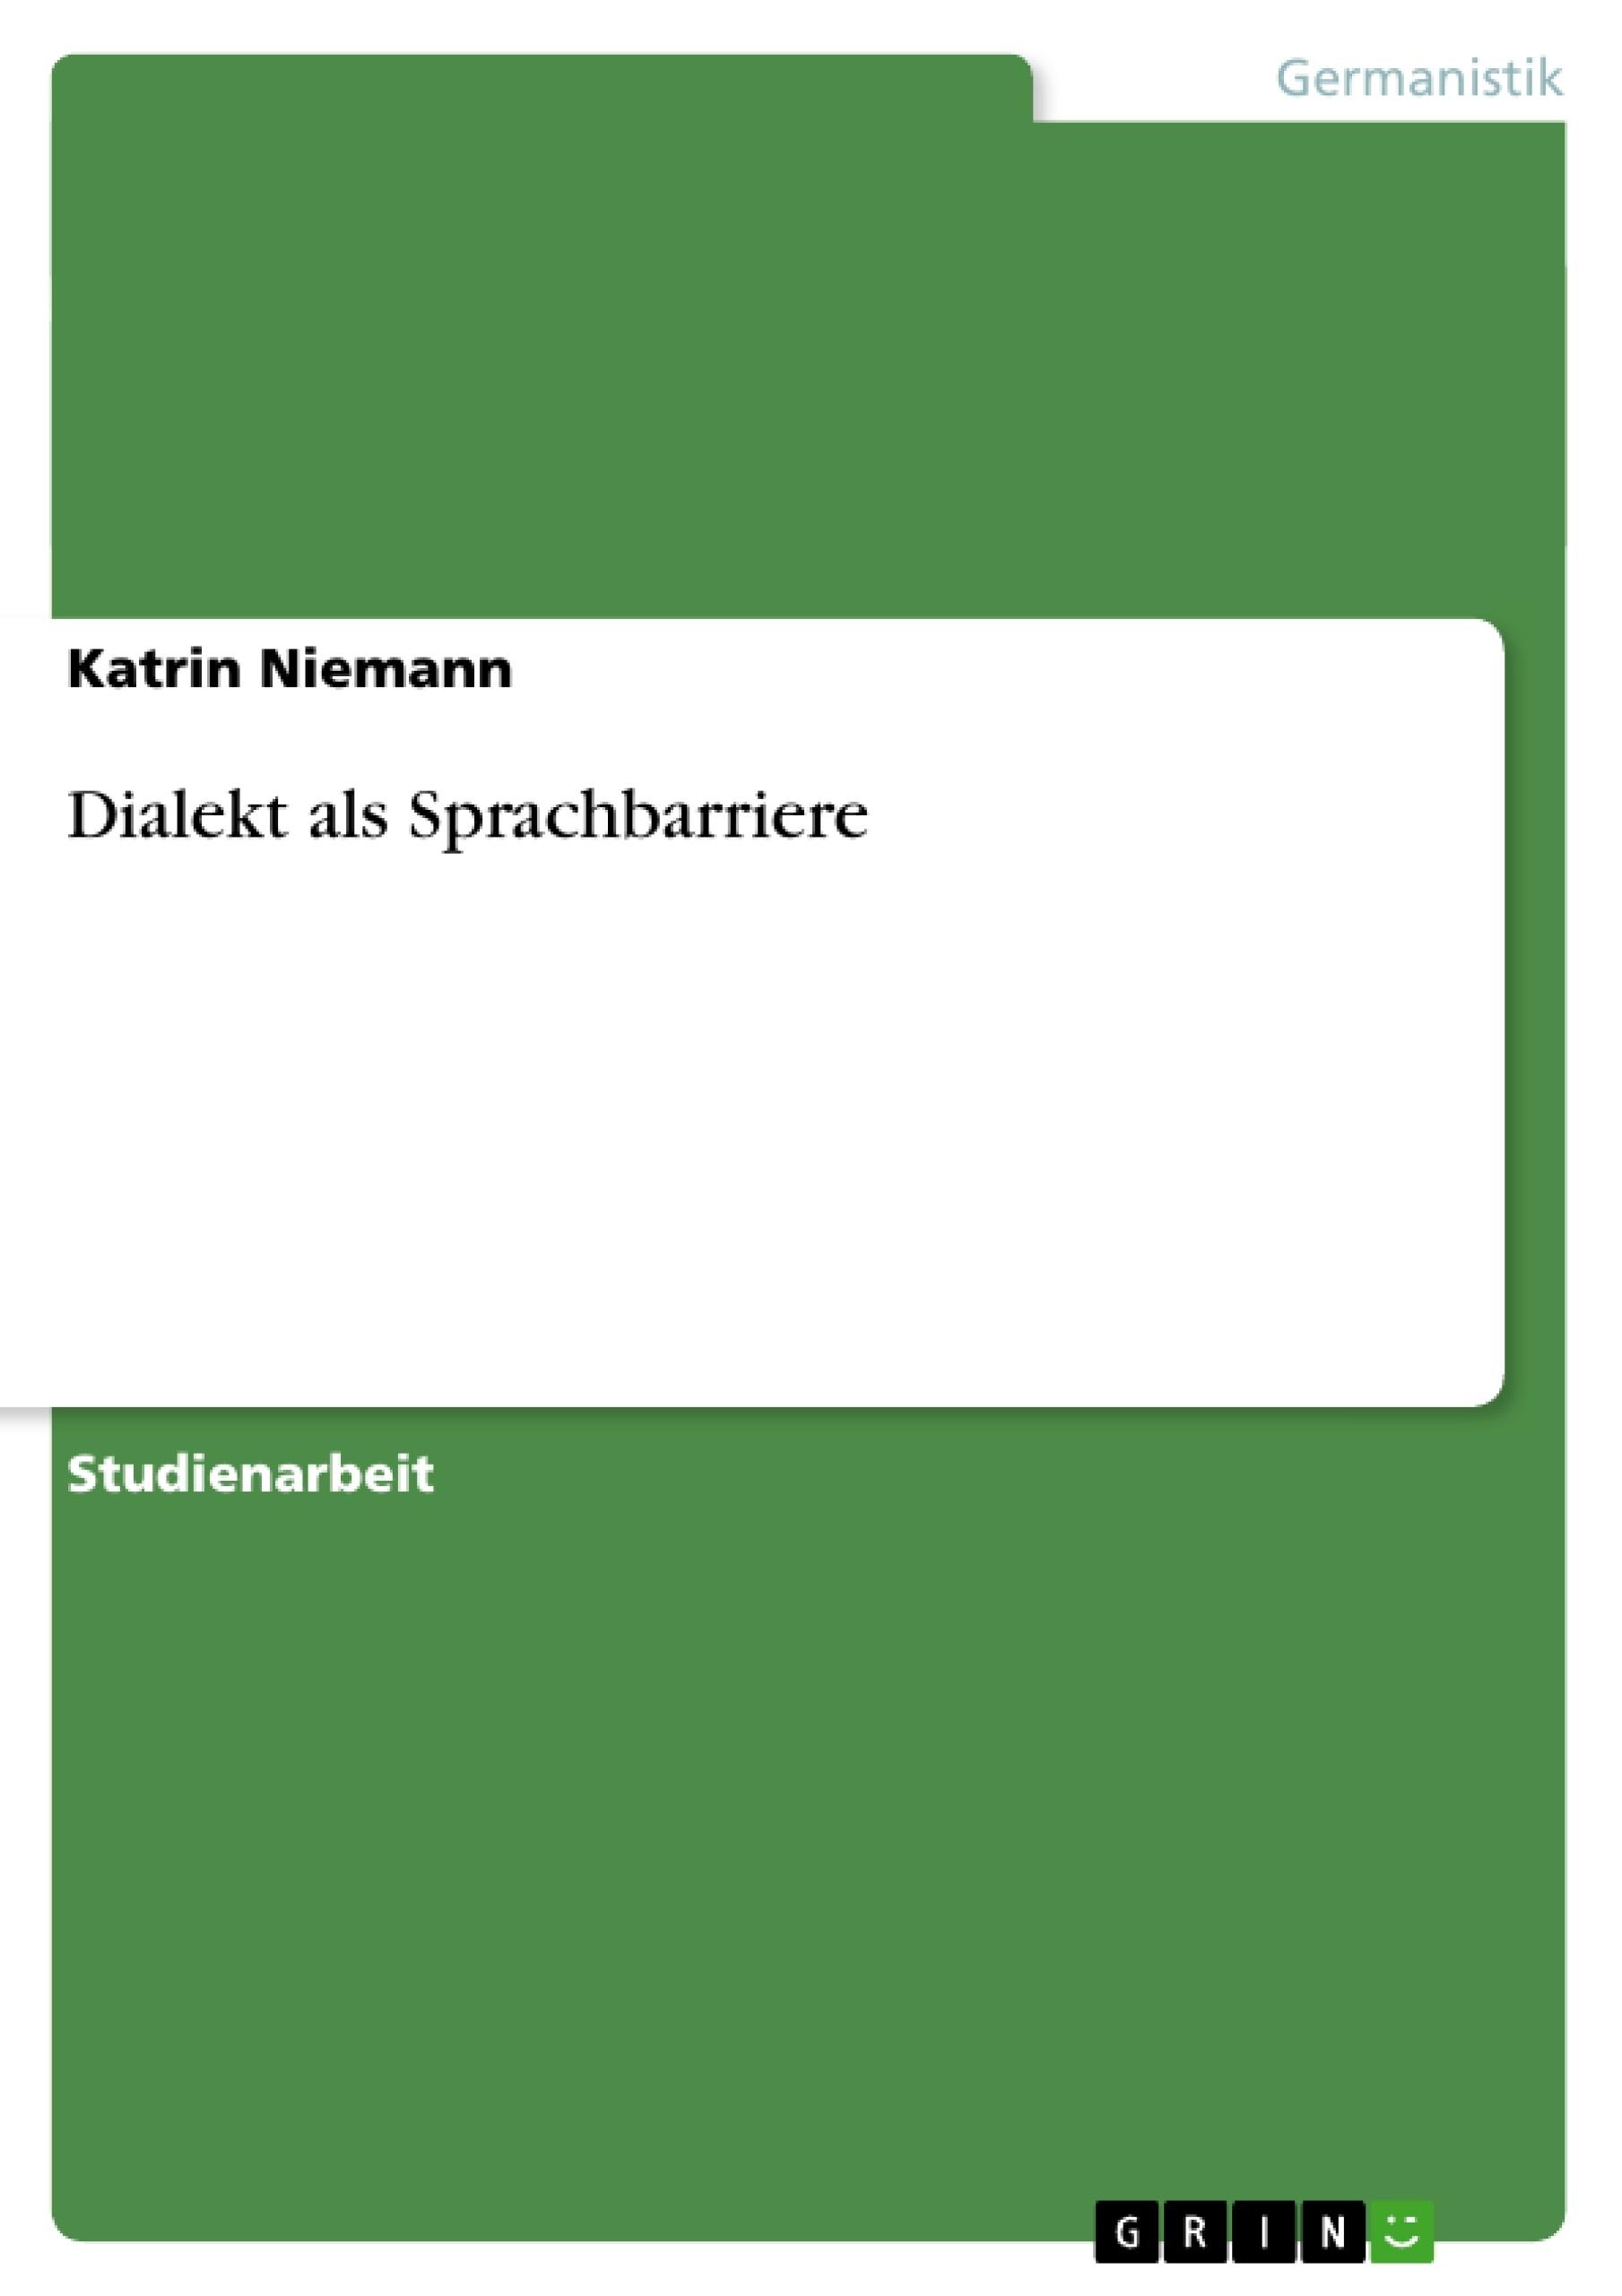 Titel: Dialekt als Sprachbarriere